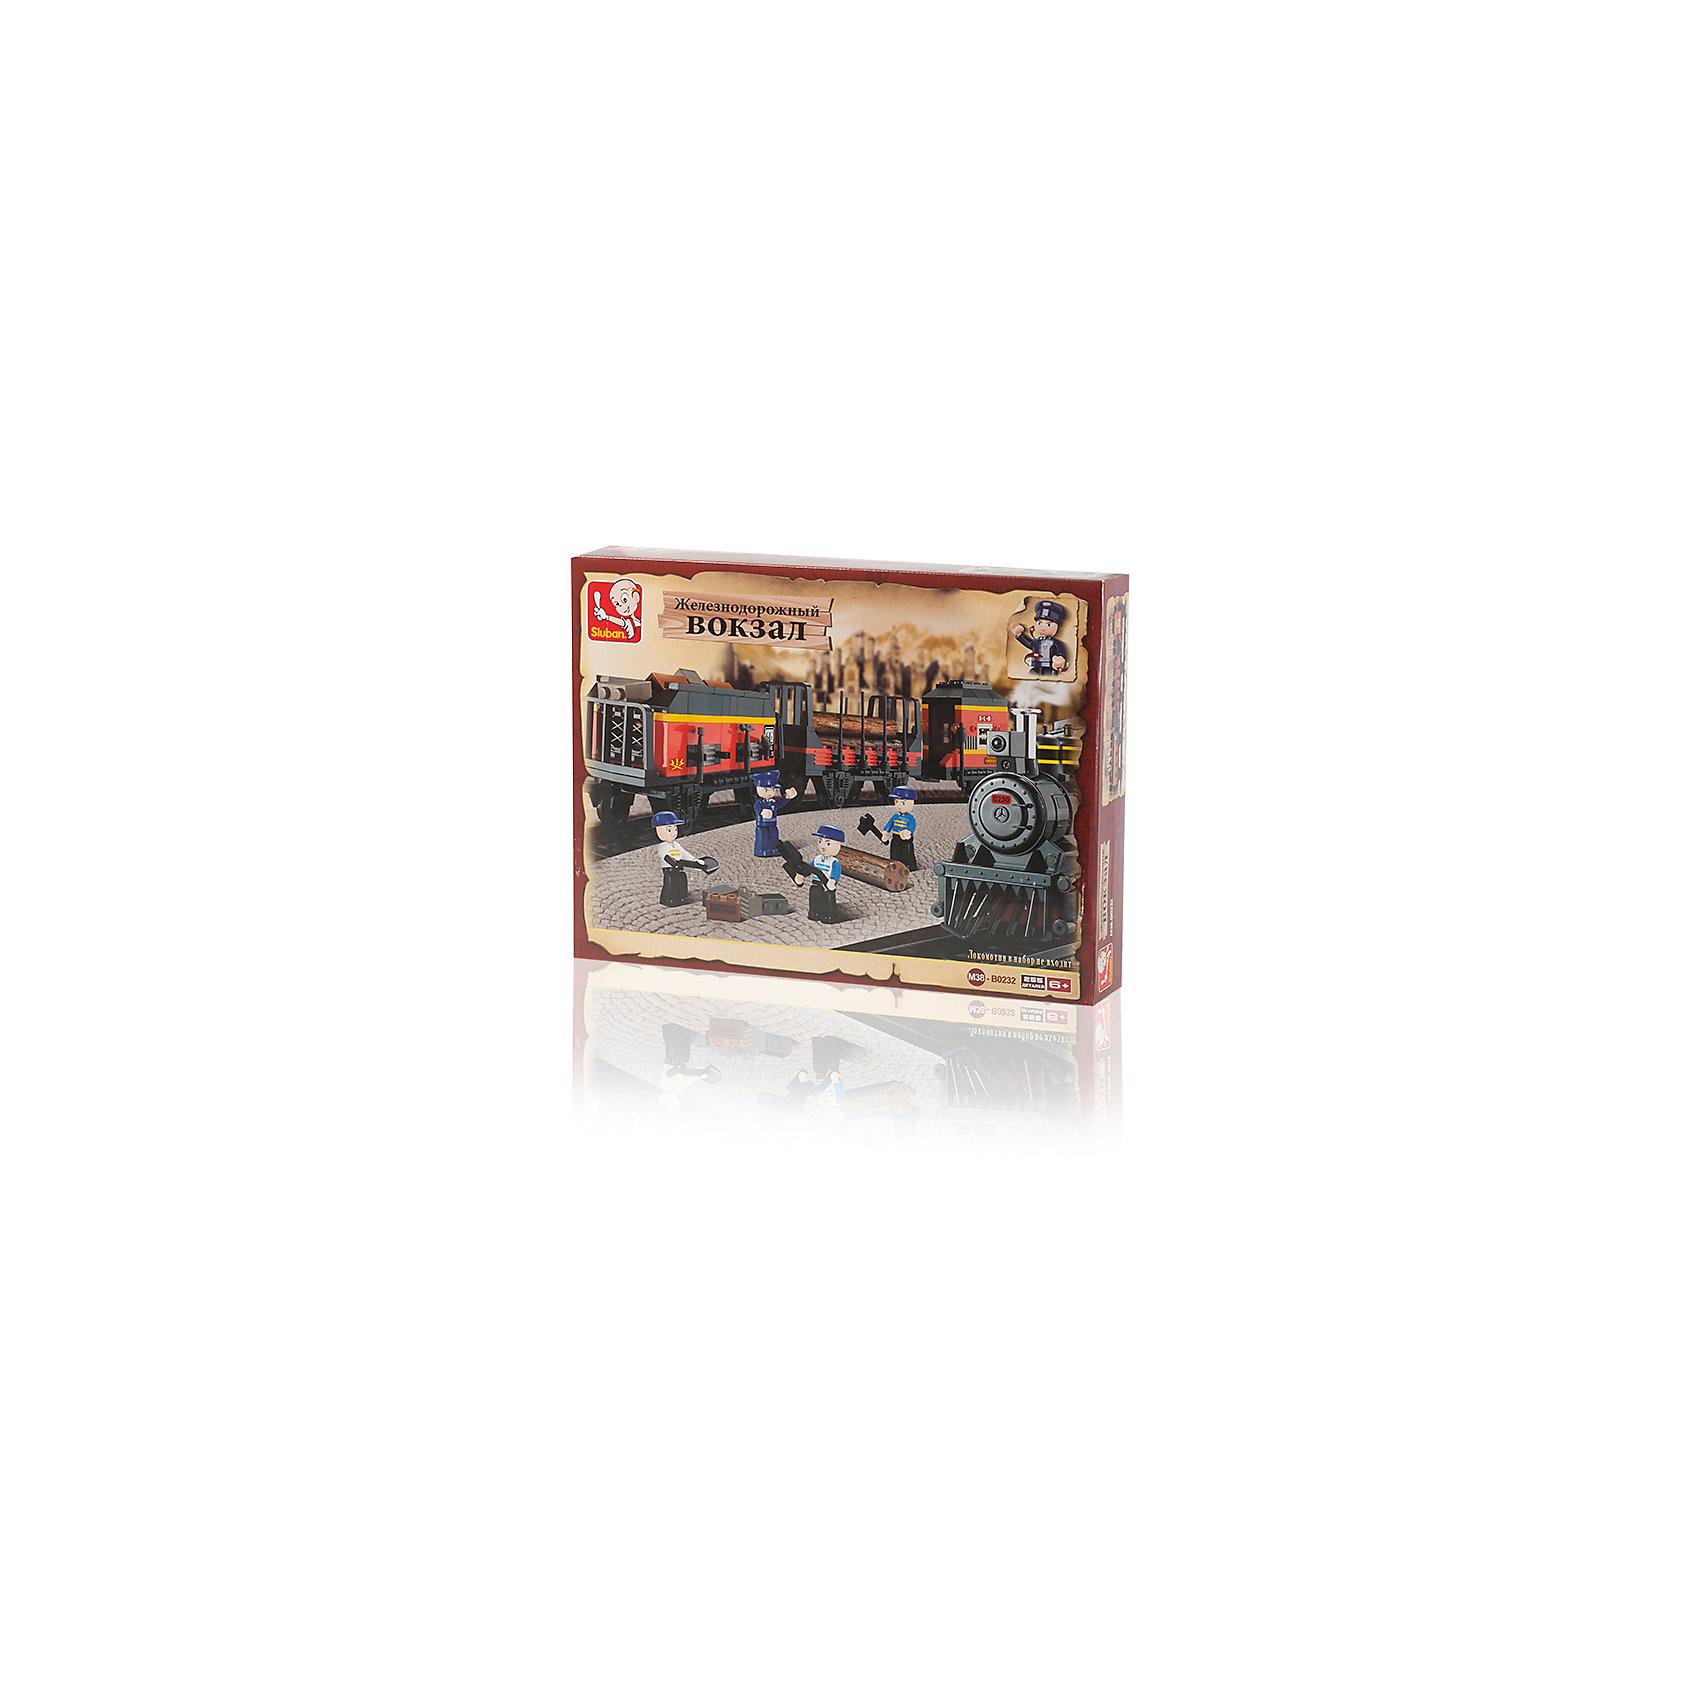 Конструктор Железнодорожный вокзал: Товарный поезд, 255 деталей, SlubanПластмассовые конструкторы<br>Конструктор Железнодорожный вокзал: Товарный поезд, 255 деталей, Sluban (Слубан)<br><br>Характеристики:<br><br>• возраст: от 6 лет<br>• реалистичные поезд из конструктора<br>• мини-фигурки в комплекте<br>• количество деталей: 255<br>• материал: пластик<br>• размер упаковки: 6х26х36 см<br>• вес: 700 грамм<br><br>Конструктор от Sluban изготовлен из высококачественного пластика, безопасного для детей. Собрав детали, ребенок получит очень реалистичный товарный поезд, следующий по железной дороге. В набор входят 4 фигурки рабочих, которые готовы быстро устранить любые неполадки. С таким конструктором ребенок никогда не заскучает!<br><br>Конструктор Железнодорожный вокзал: Товарный поезд, 255 деталей, Sluban (Слубан) можно купить в нашем интернет-магазине.<br><br>Ширина мм: 360<br>Глубина мм: 260<br>Высота мм: 60<br>Вес г: 770<br>Возраст от месяцев: 72<br>Возраст до месяцев: 2147483647<br>Пол: Мужской<br>Возраст: Детский<br>SKU: 5453694